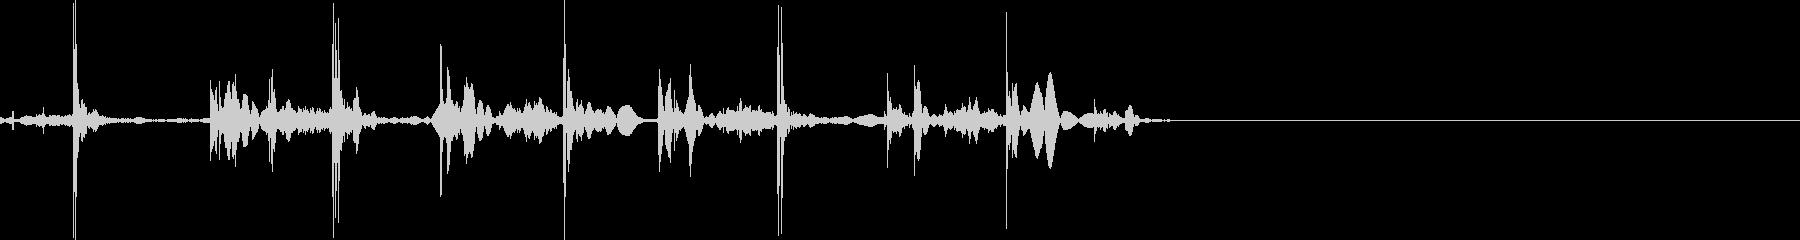 シュッシュッシュッ(トランプを配る)の未再生の波形